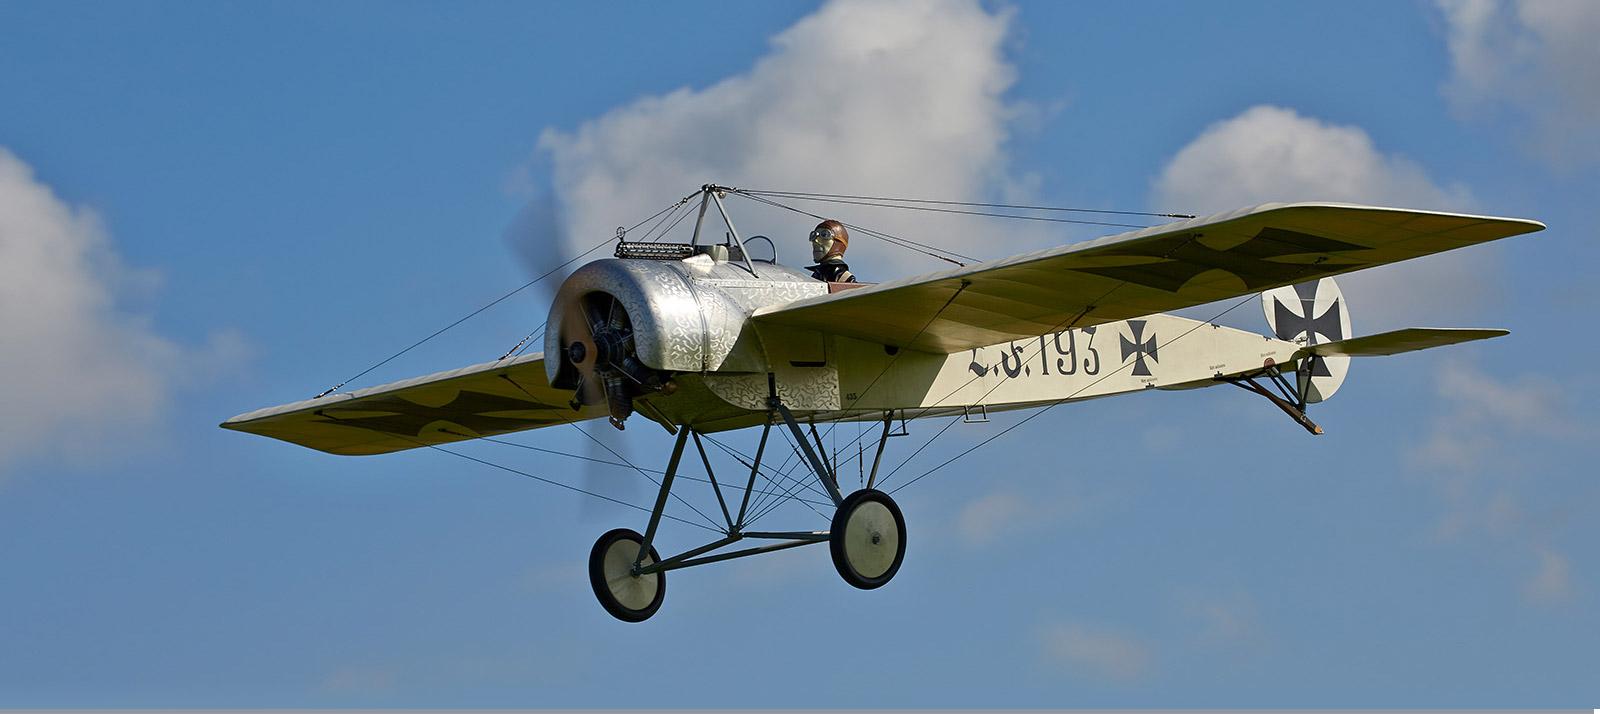 Paolo Severin Fokker E.I